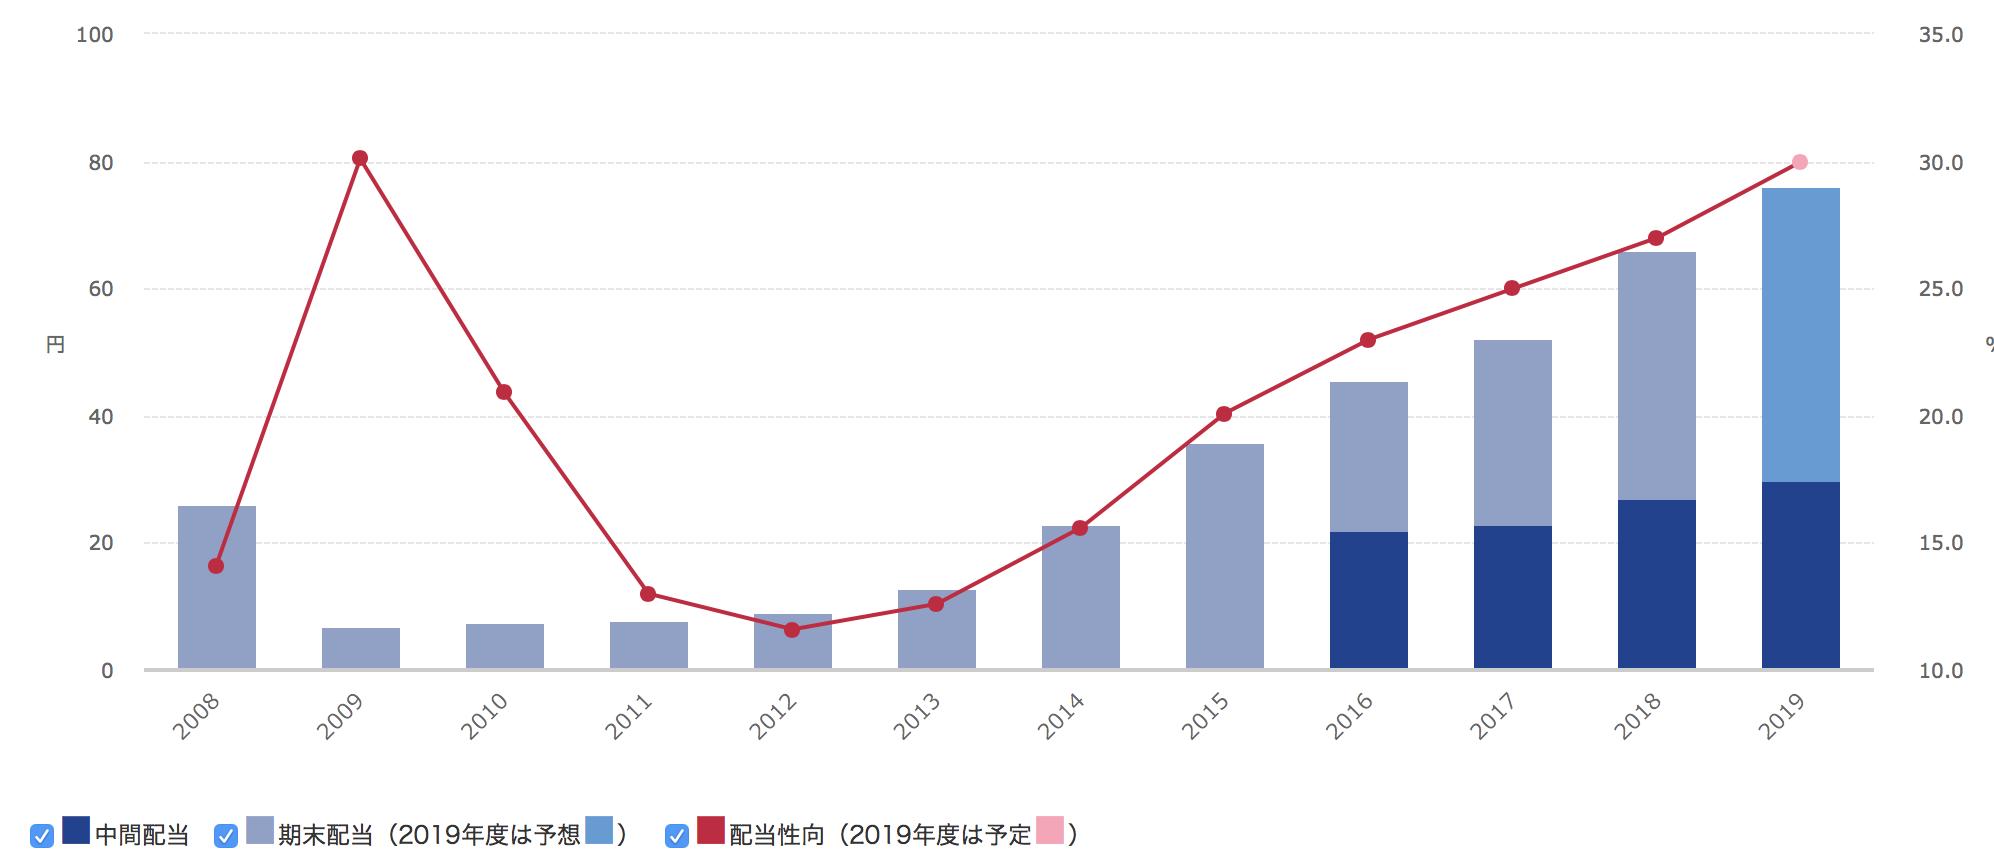 オリックスの配当金の過去10年の推移